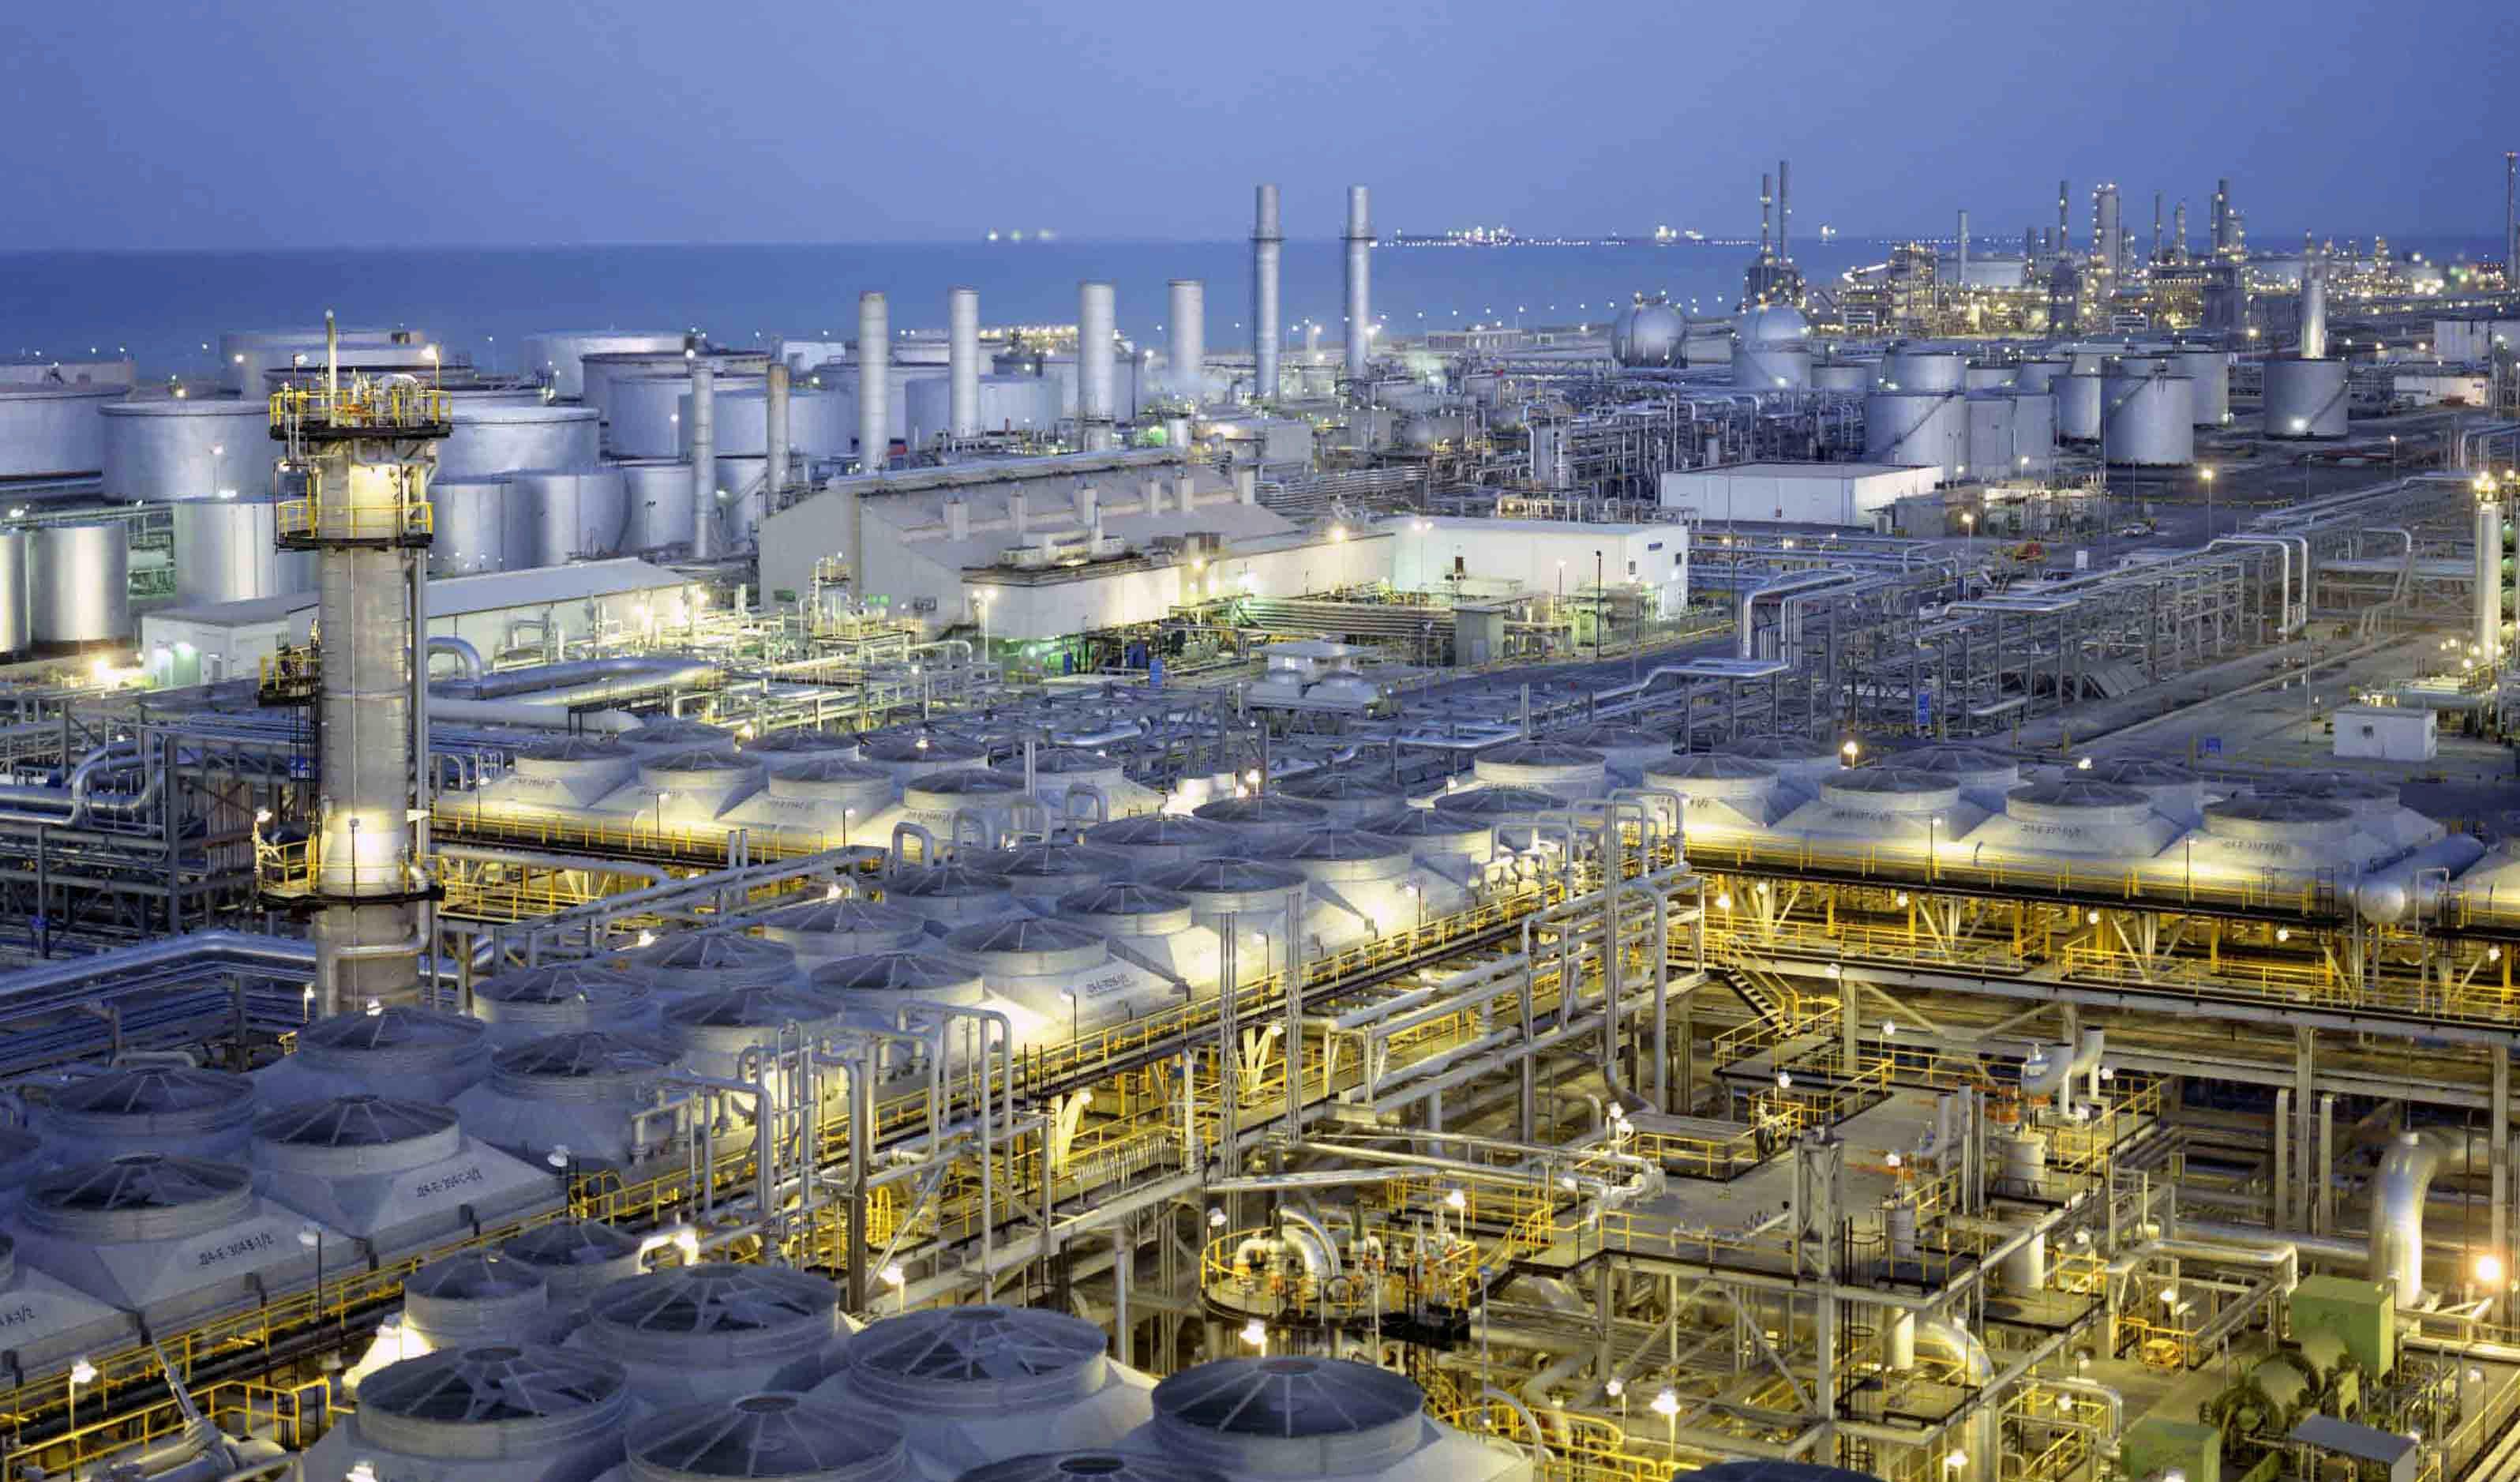 آرامکو حداکثر نیم درصد از سهامش را به سرمایهگذاران واگذار میکند